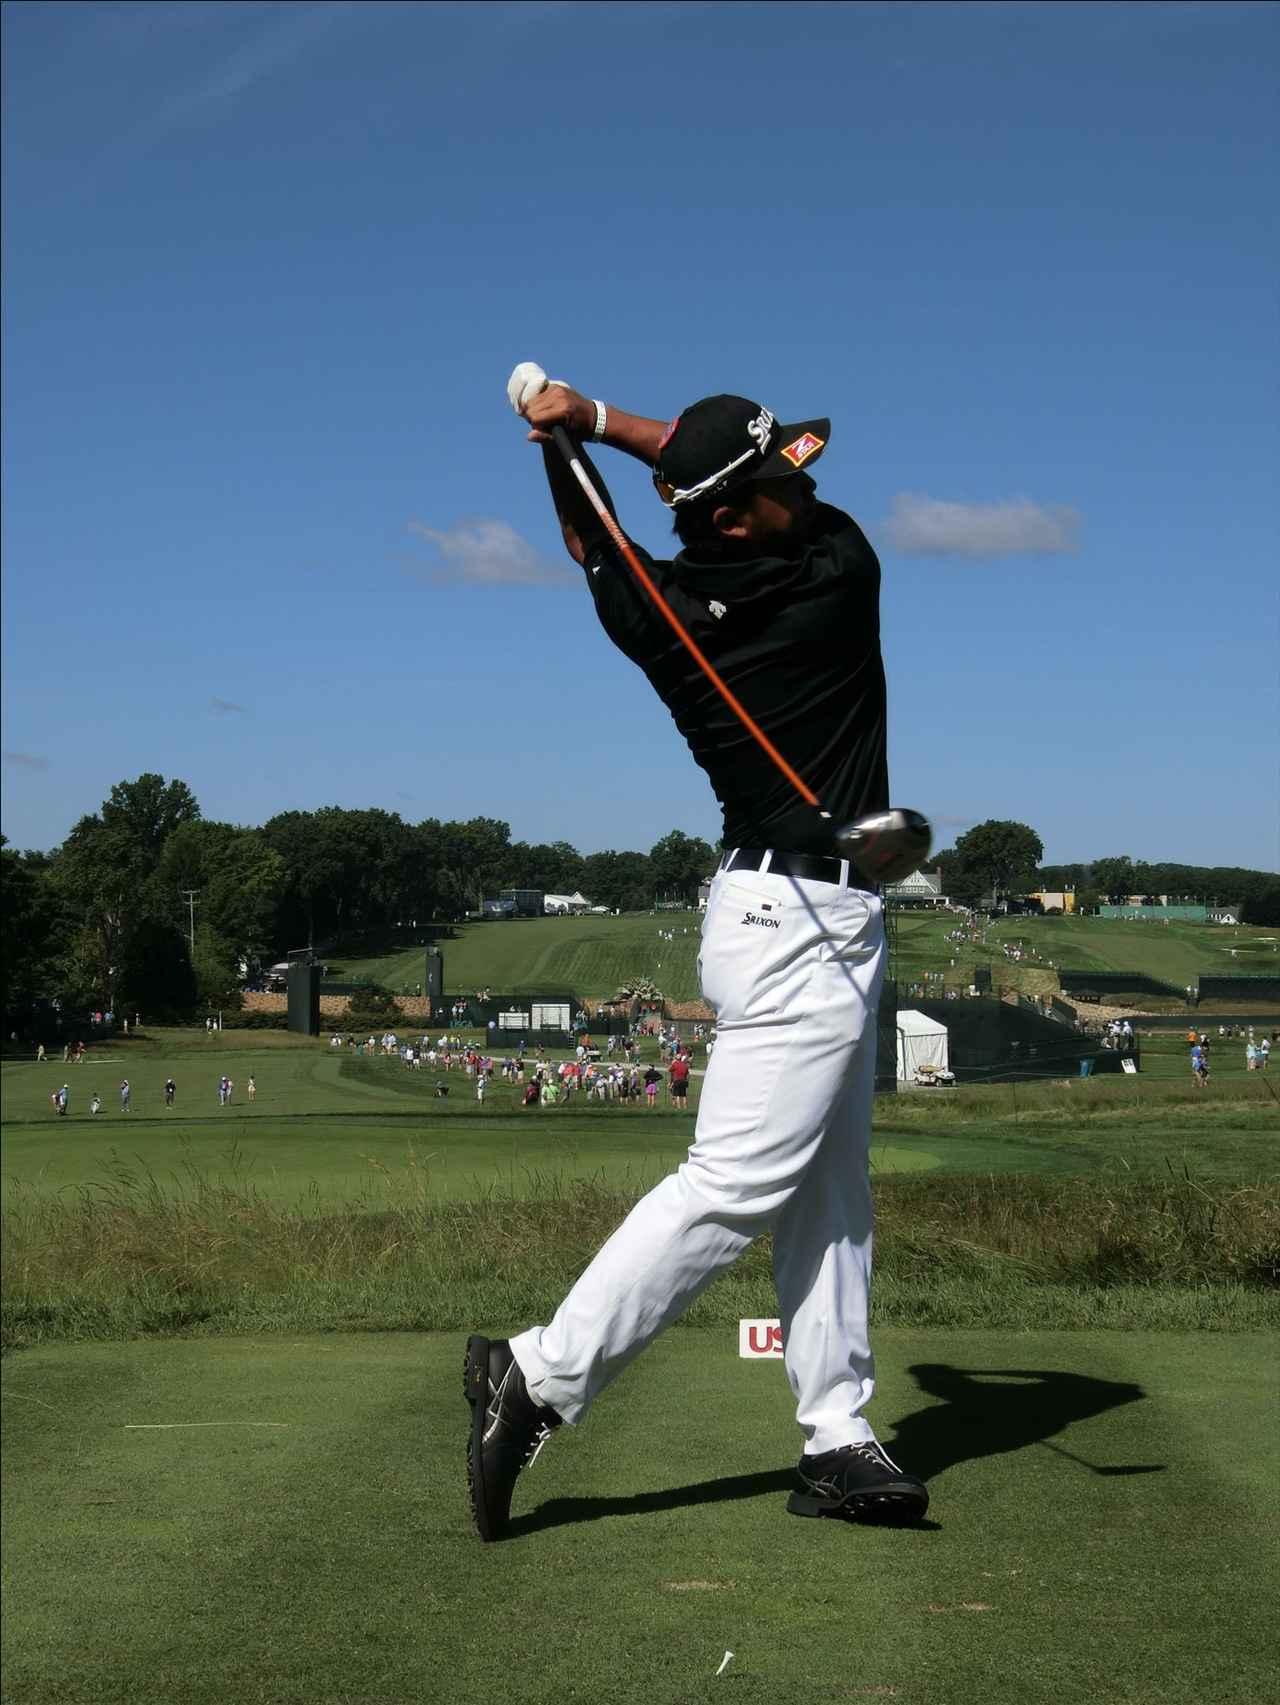 画像11: PGAの主役を小平智がスウィング解説「松山英樹のトップがイチ押し」